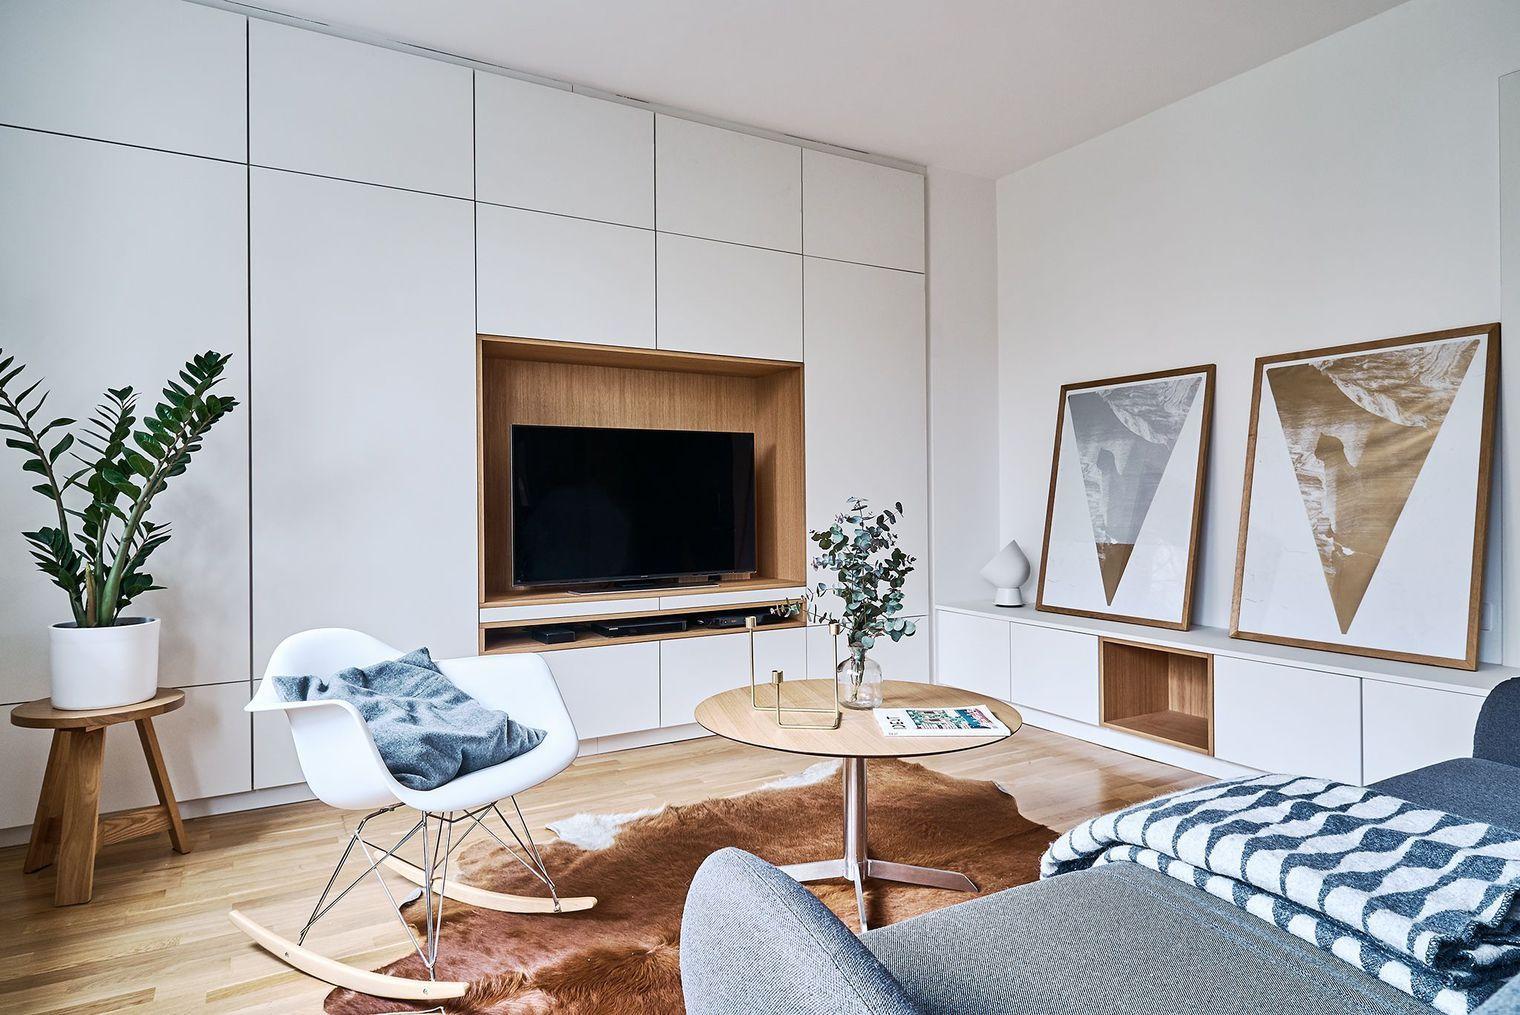 Le Meuble Tv Sur Mesure En Blanc Et Bois S Harmonise Parfaitement  # Meuble Tv Integre Cheminee Avec Rangement